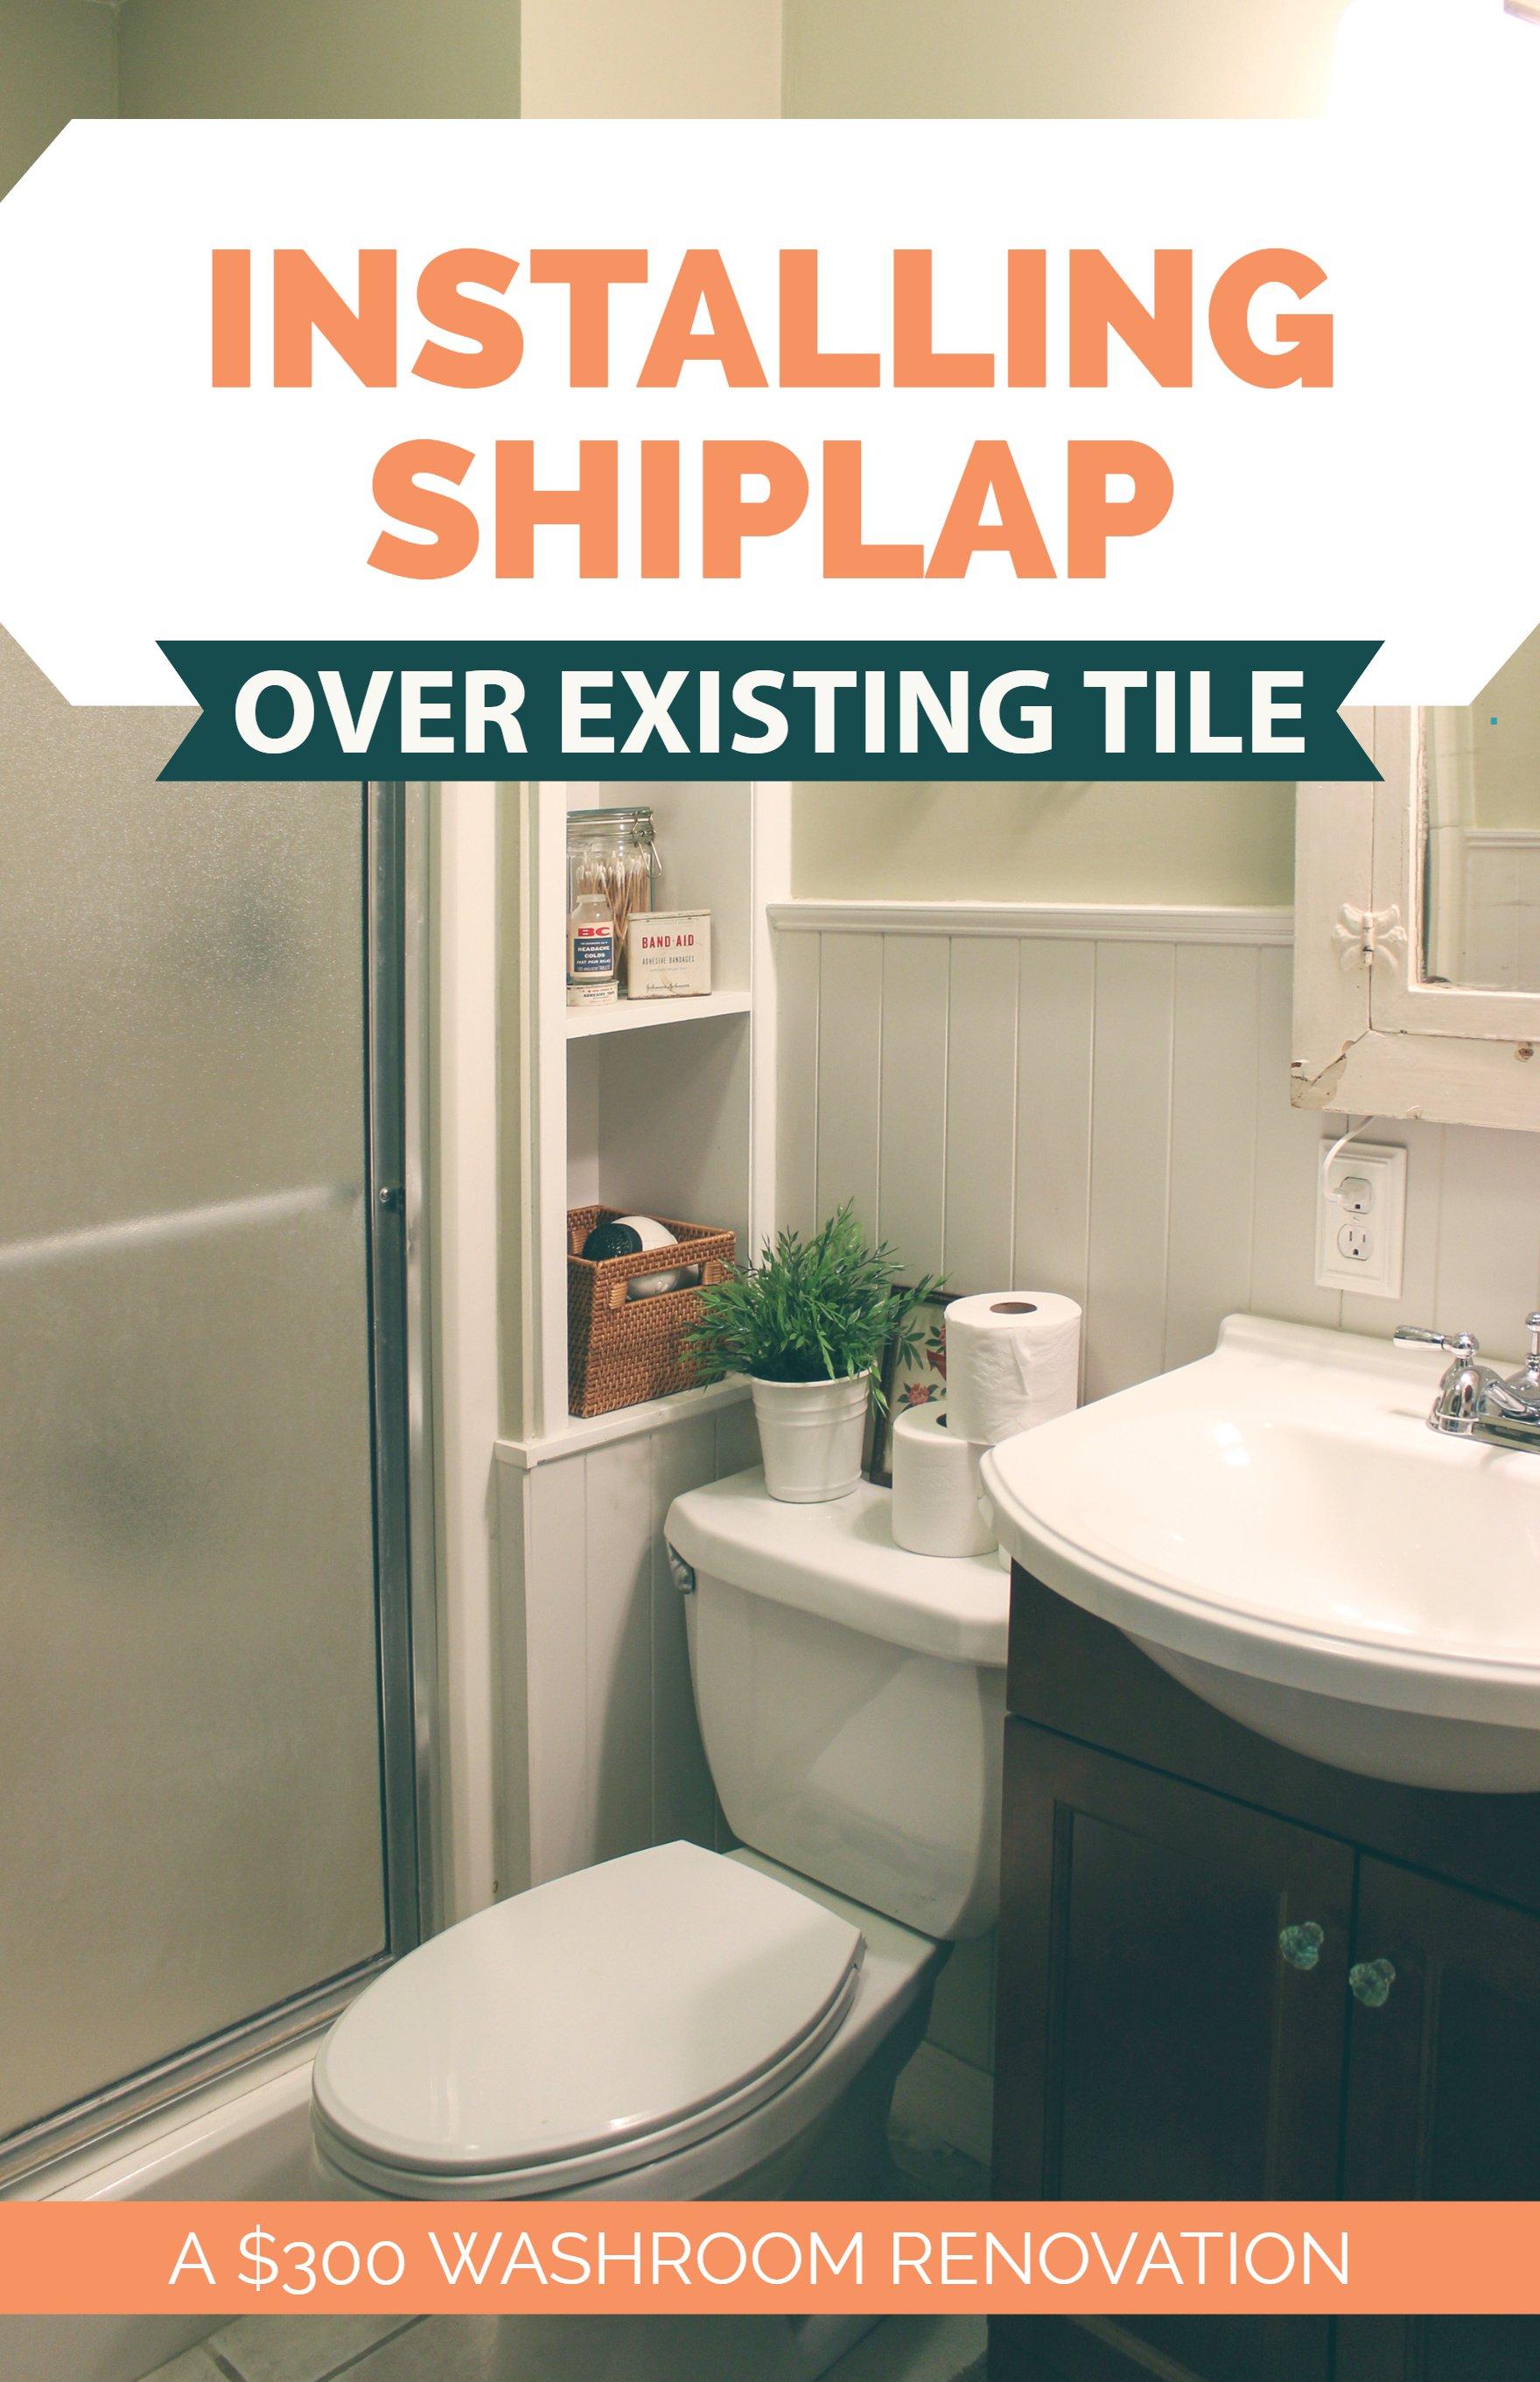 $300 Bathroom Remodel U2013 Installing Shiplap Or Paneling Over Tile